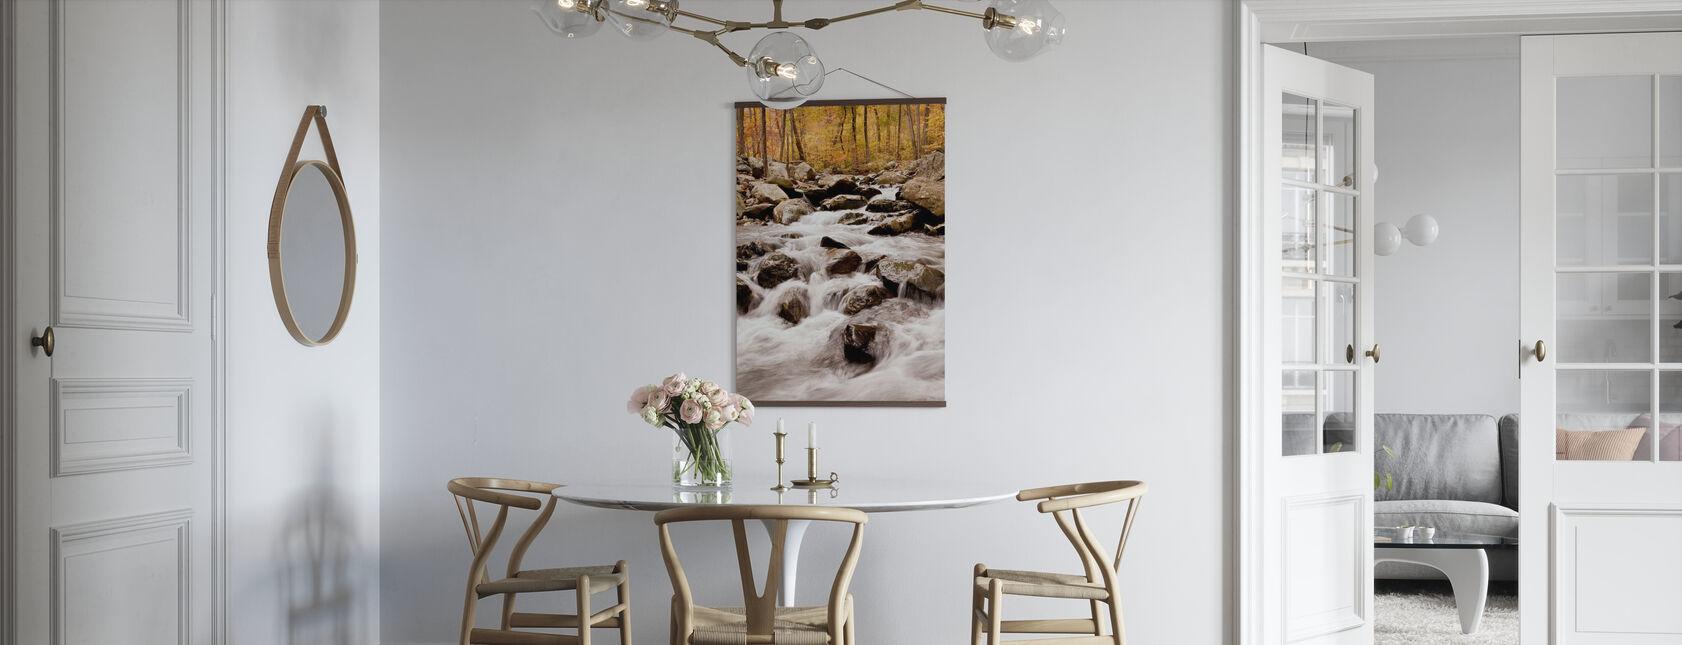 Witte Eik Canyon Falls - Poster - Keuken